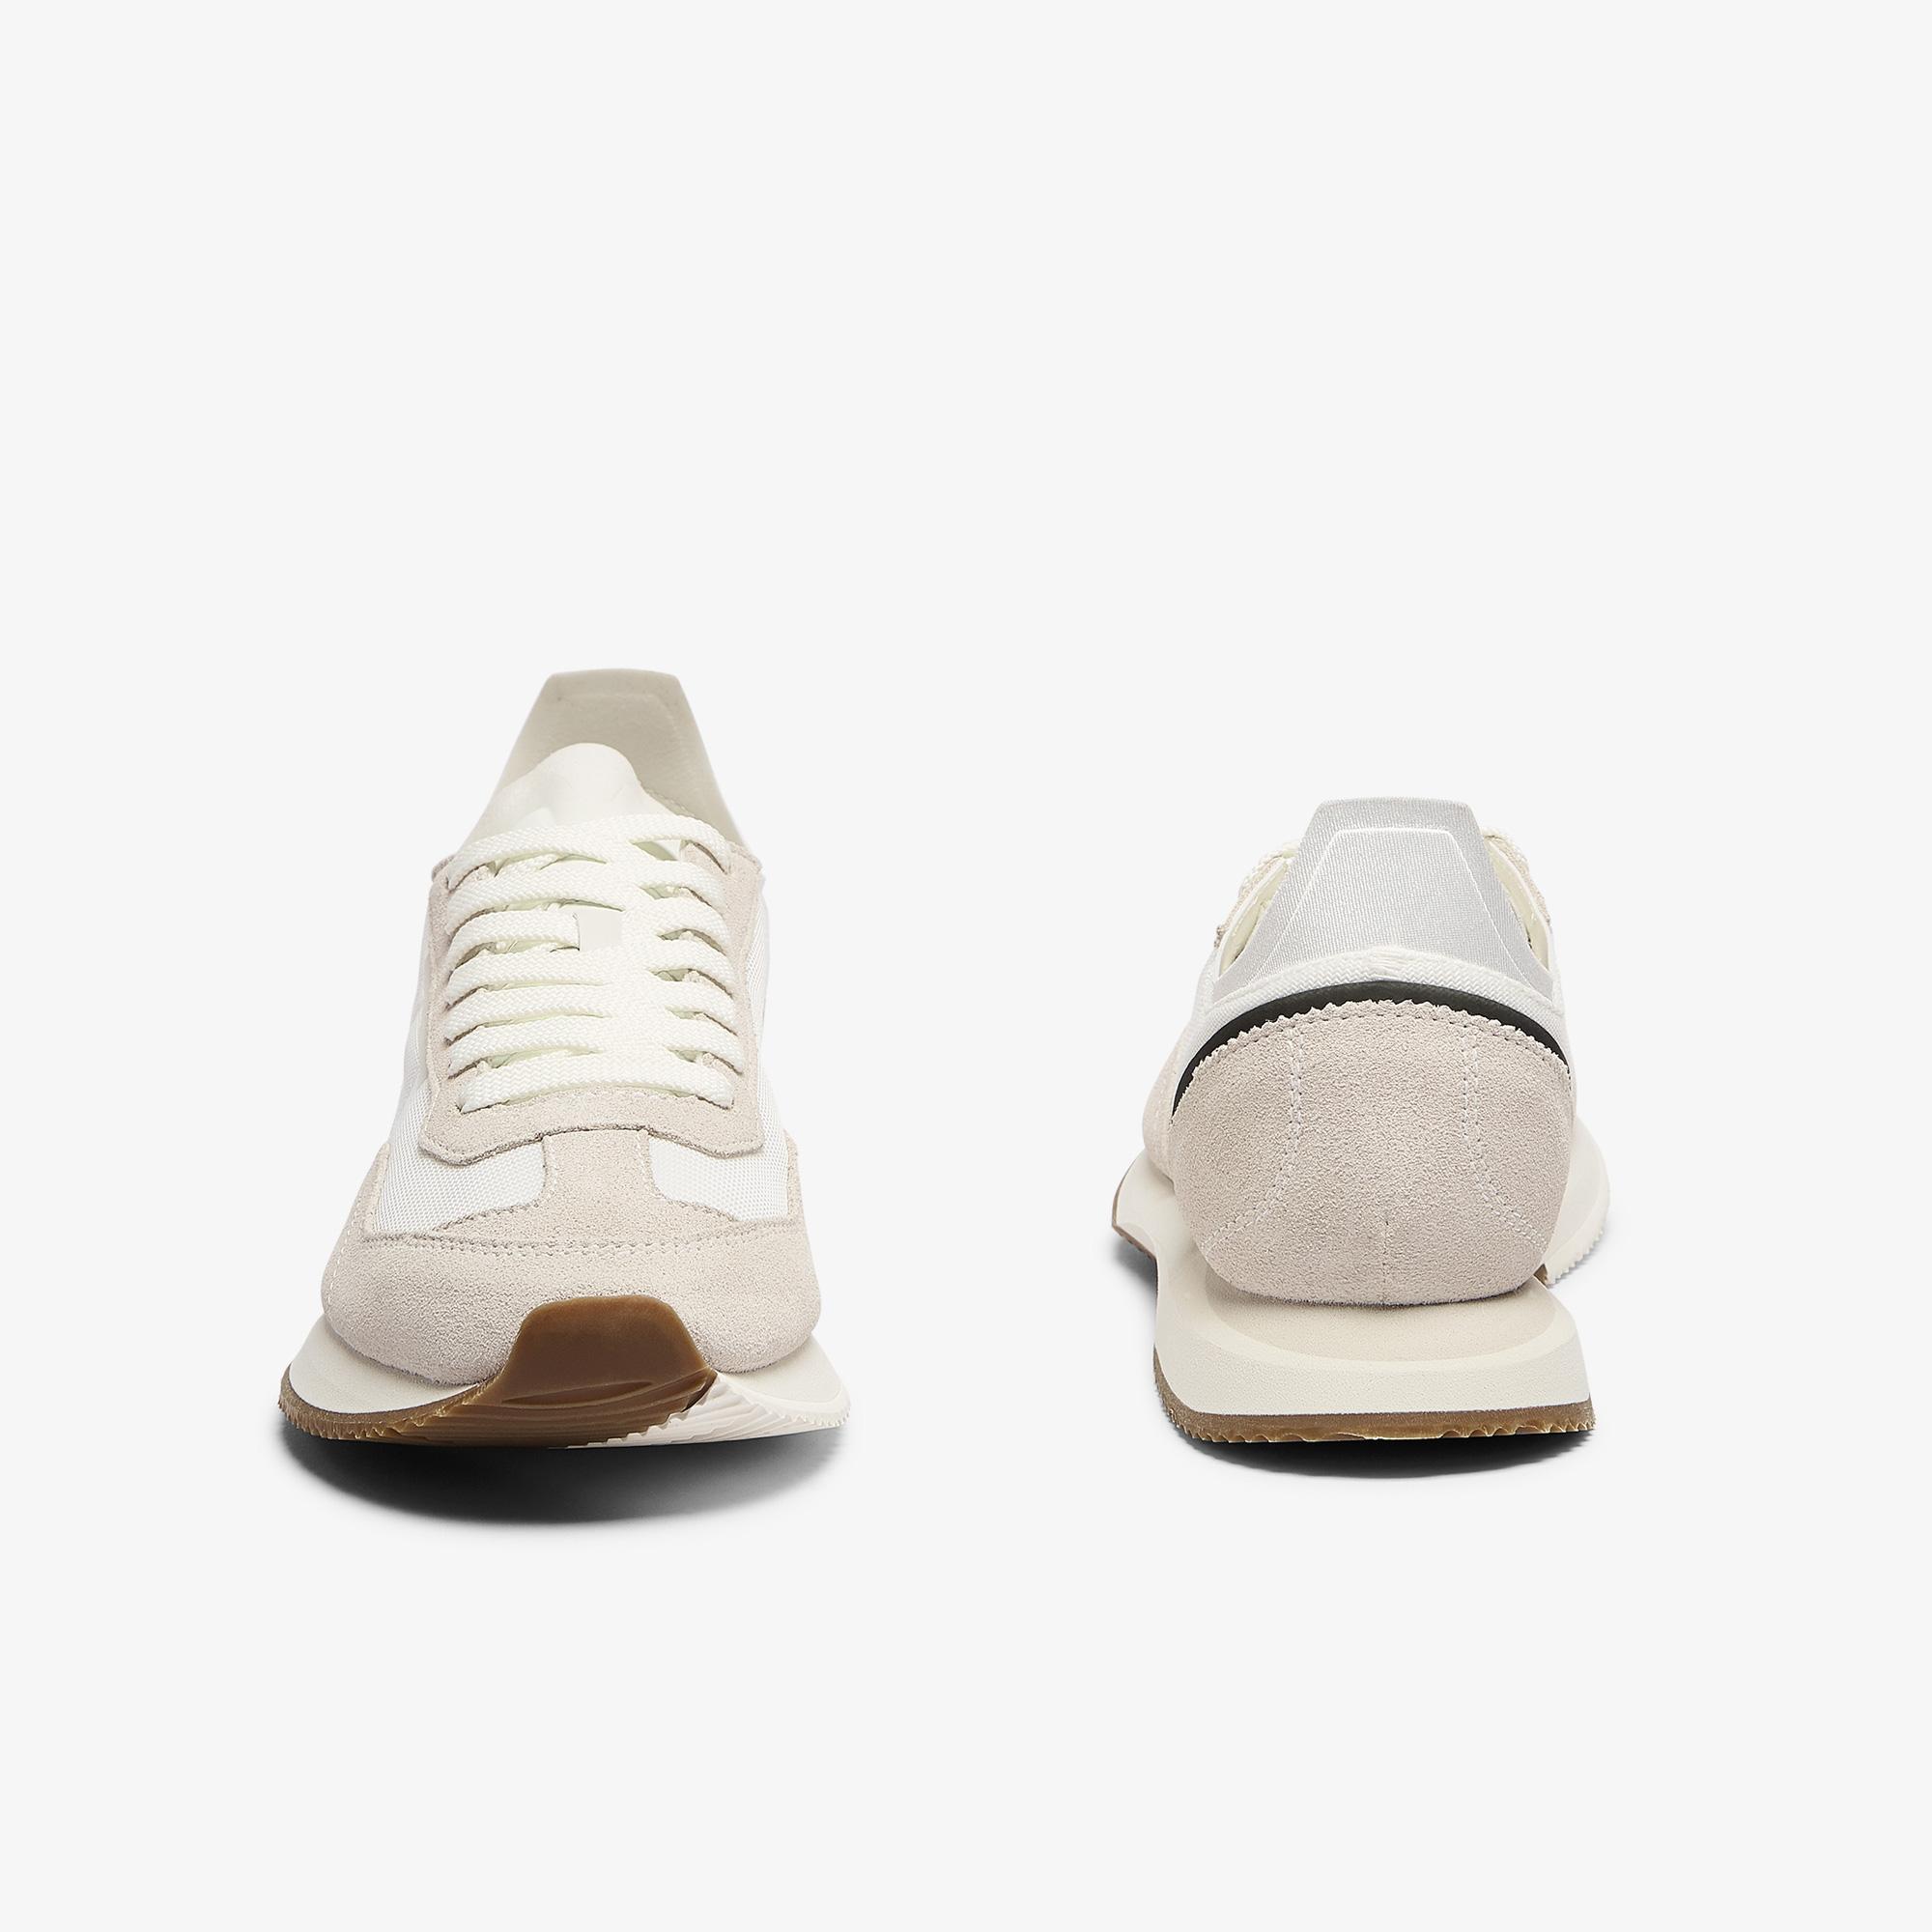 Lacoste Women's Match Break 0721 1 Sfa Shoes